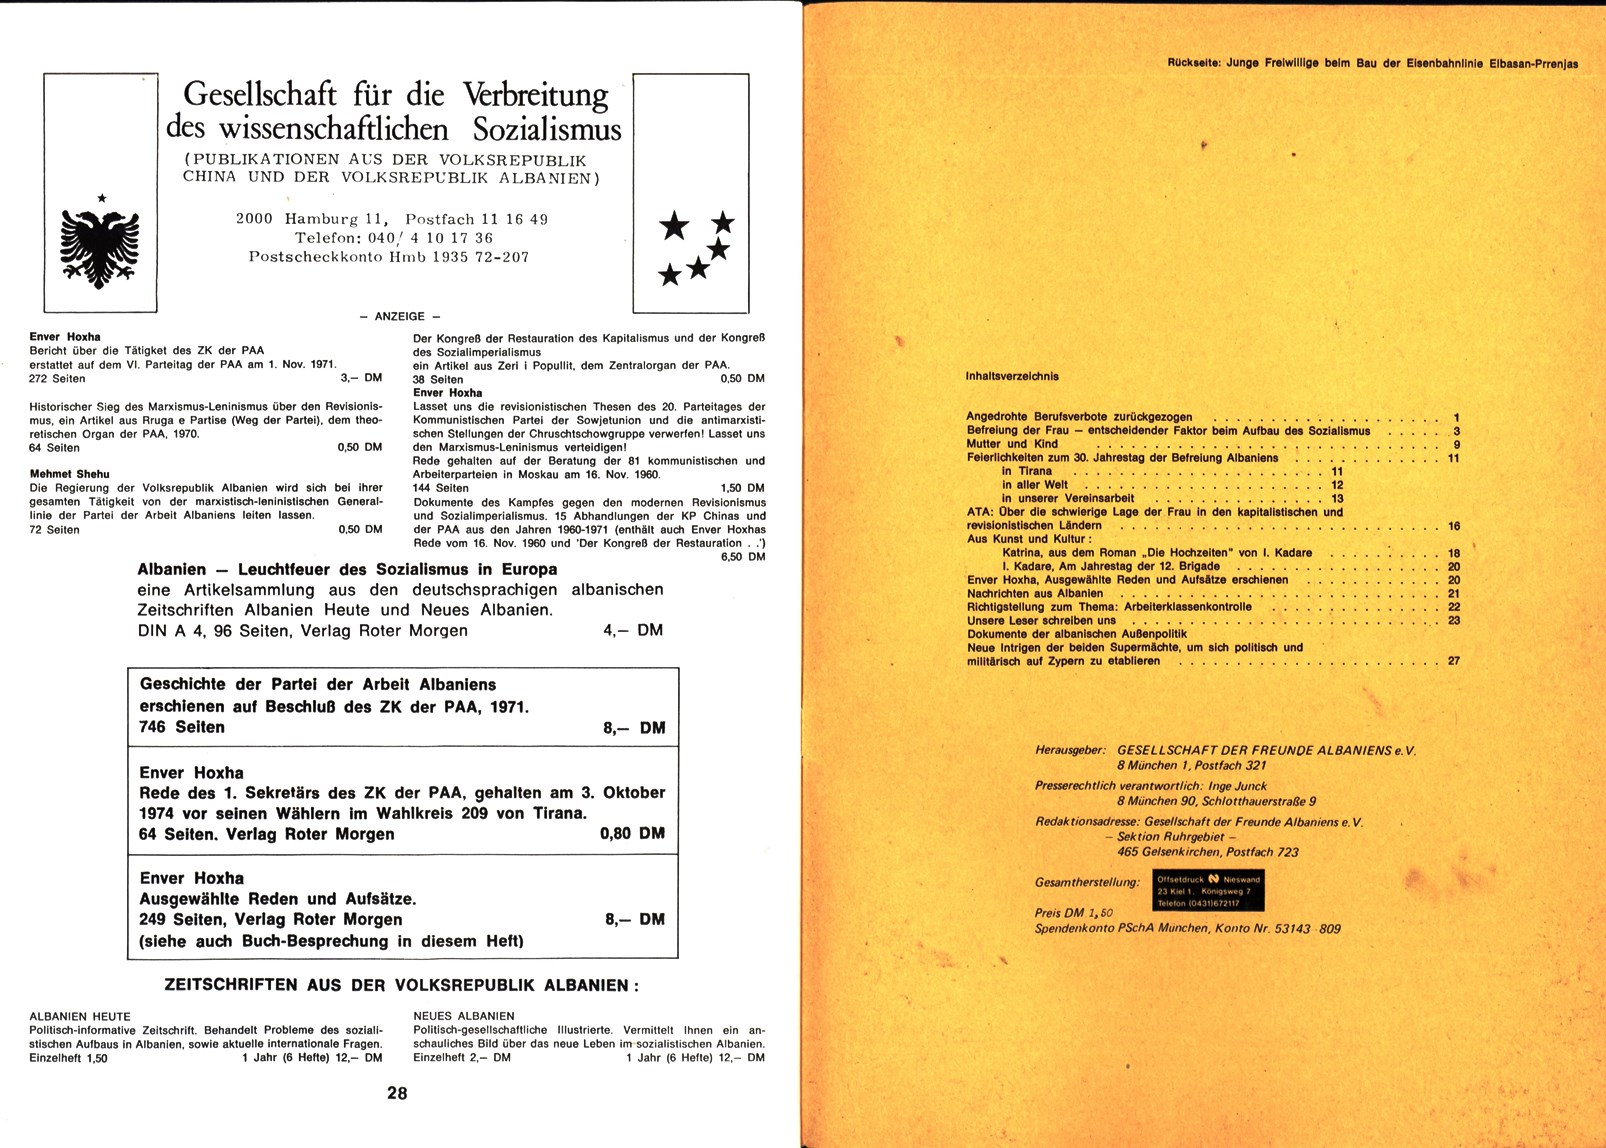 GFA_Albanische_Hefte_1975_01_16